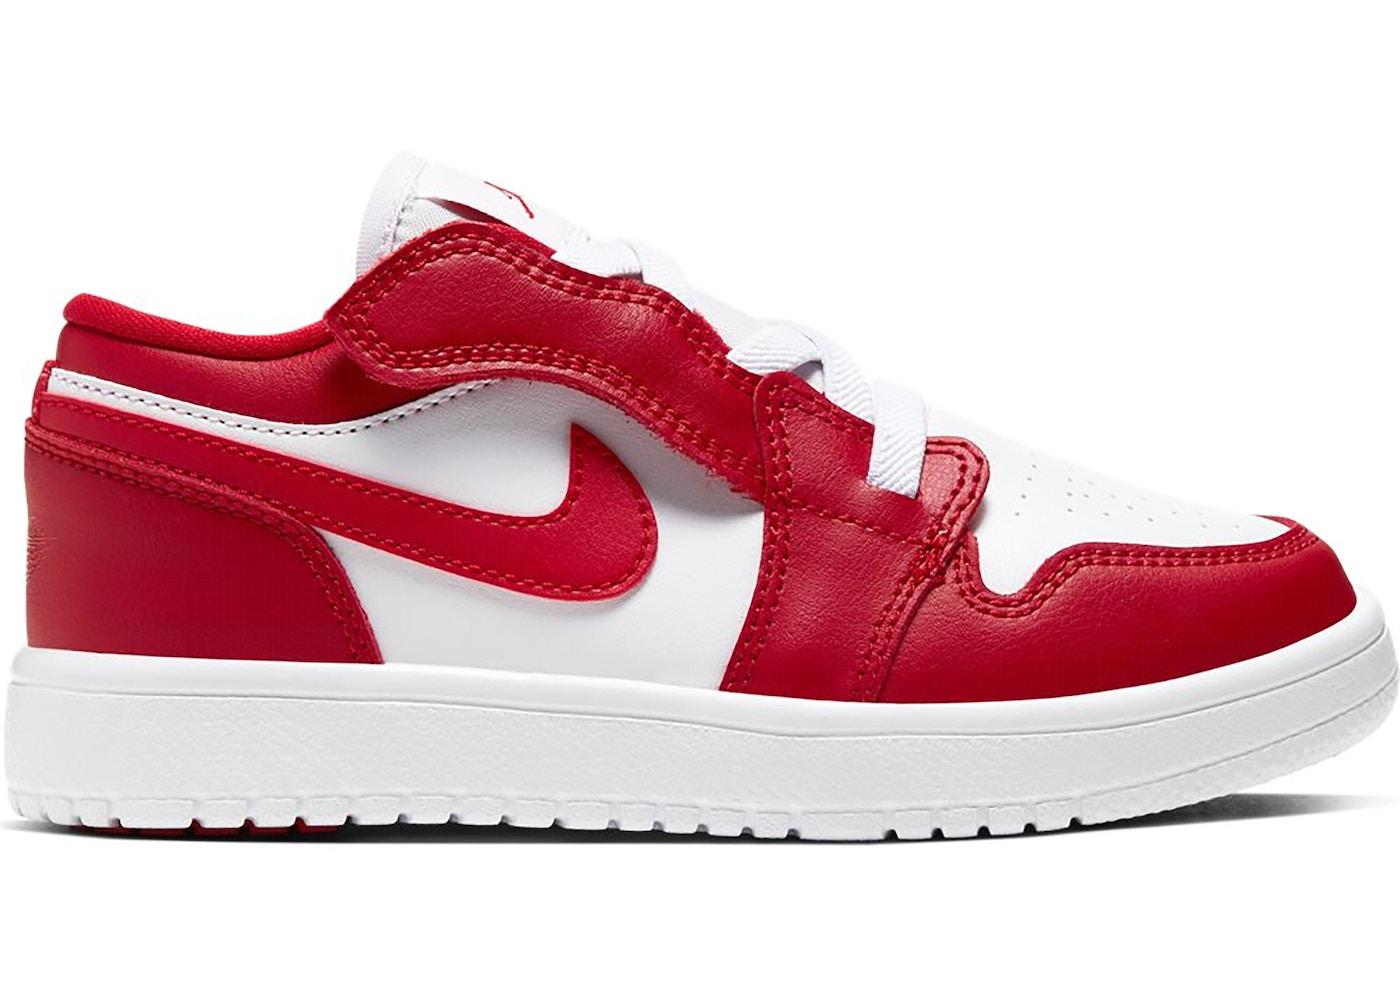 Jordan 1 Low Alt Gym Red White Ps Bq6066 611